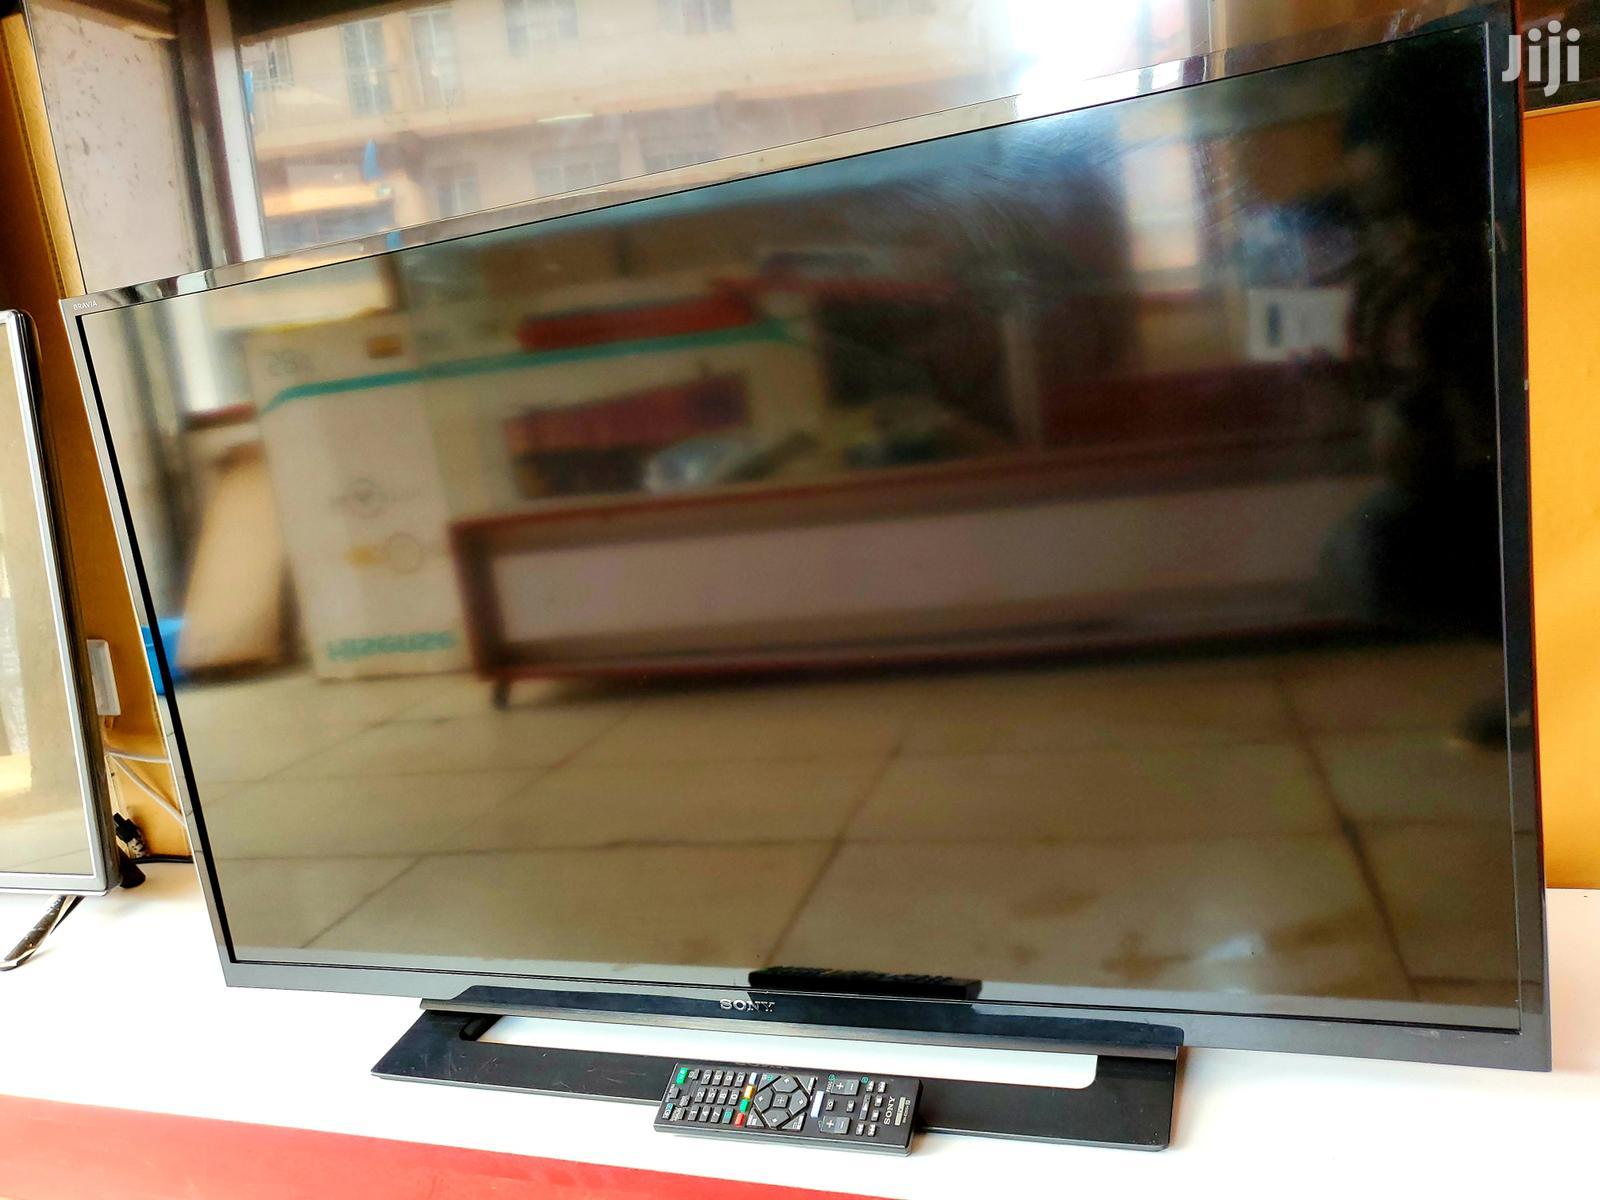 Genuine Sony Bravia 42inch Digital Satellite Led Tvs | TV & DVD Equipment for sale in Kampala, Central Region, Uganda